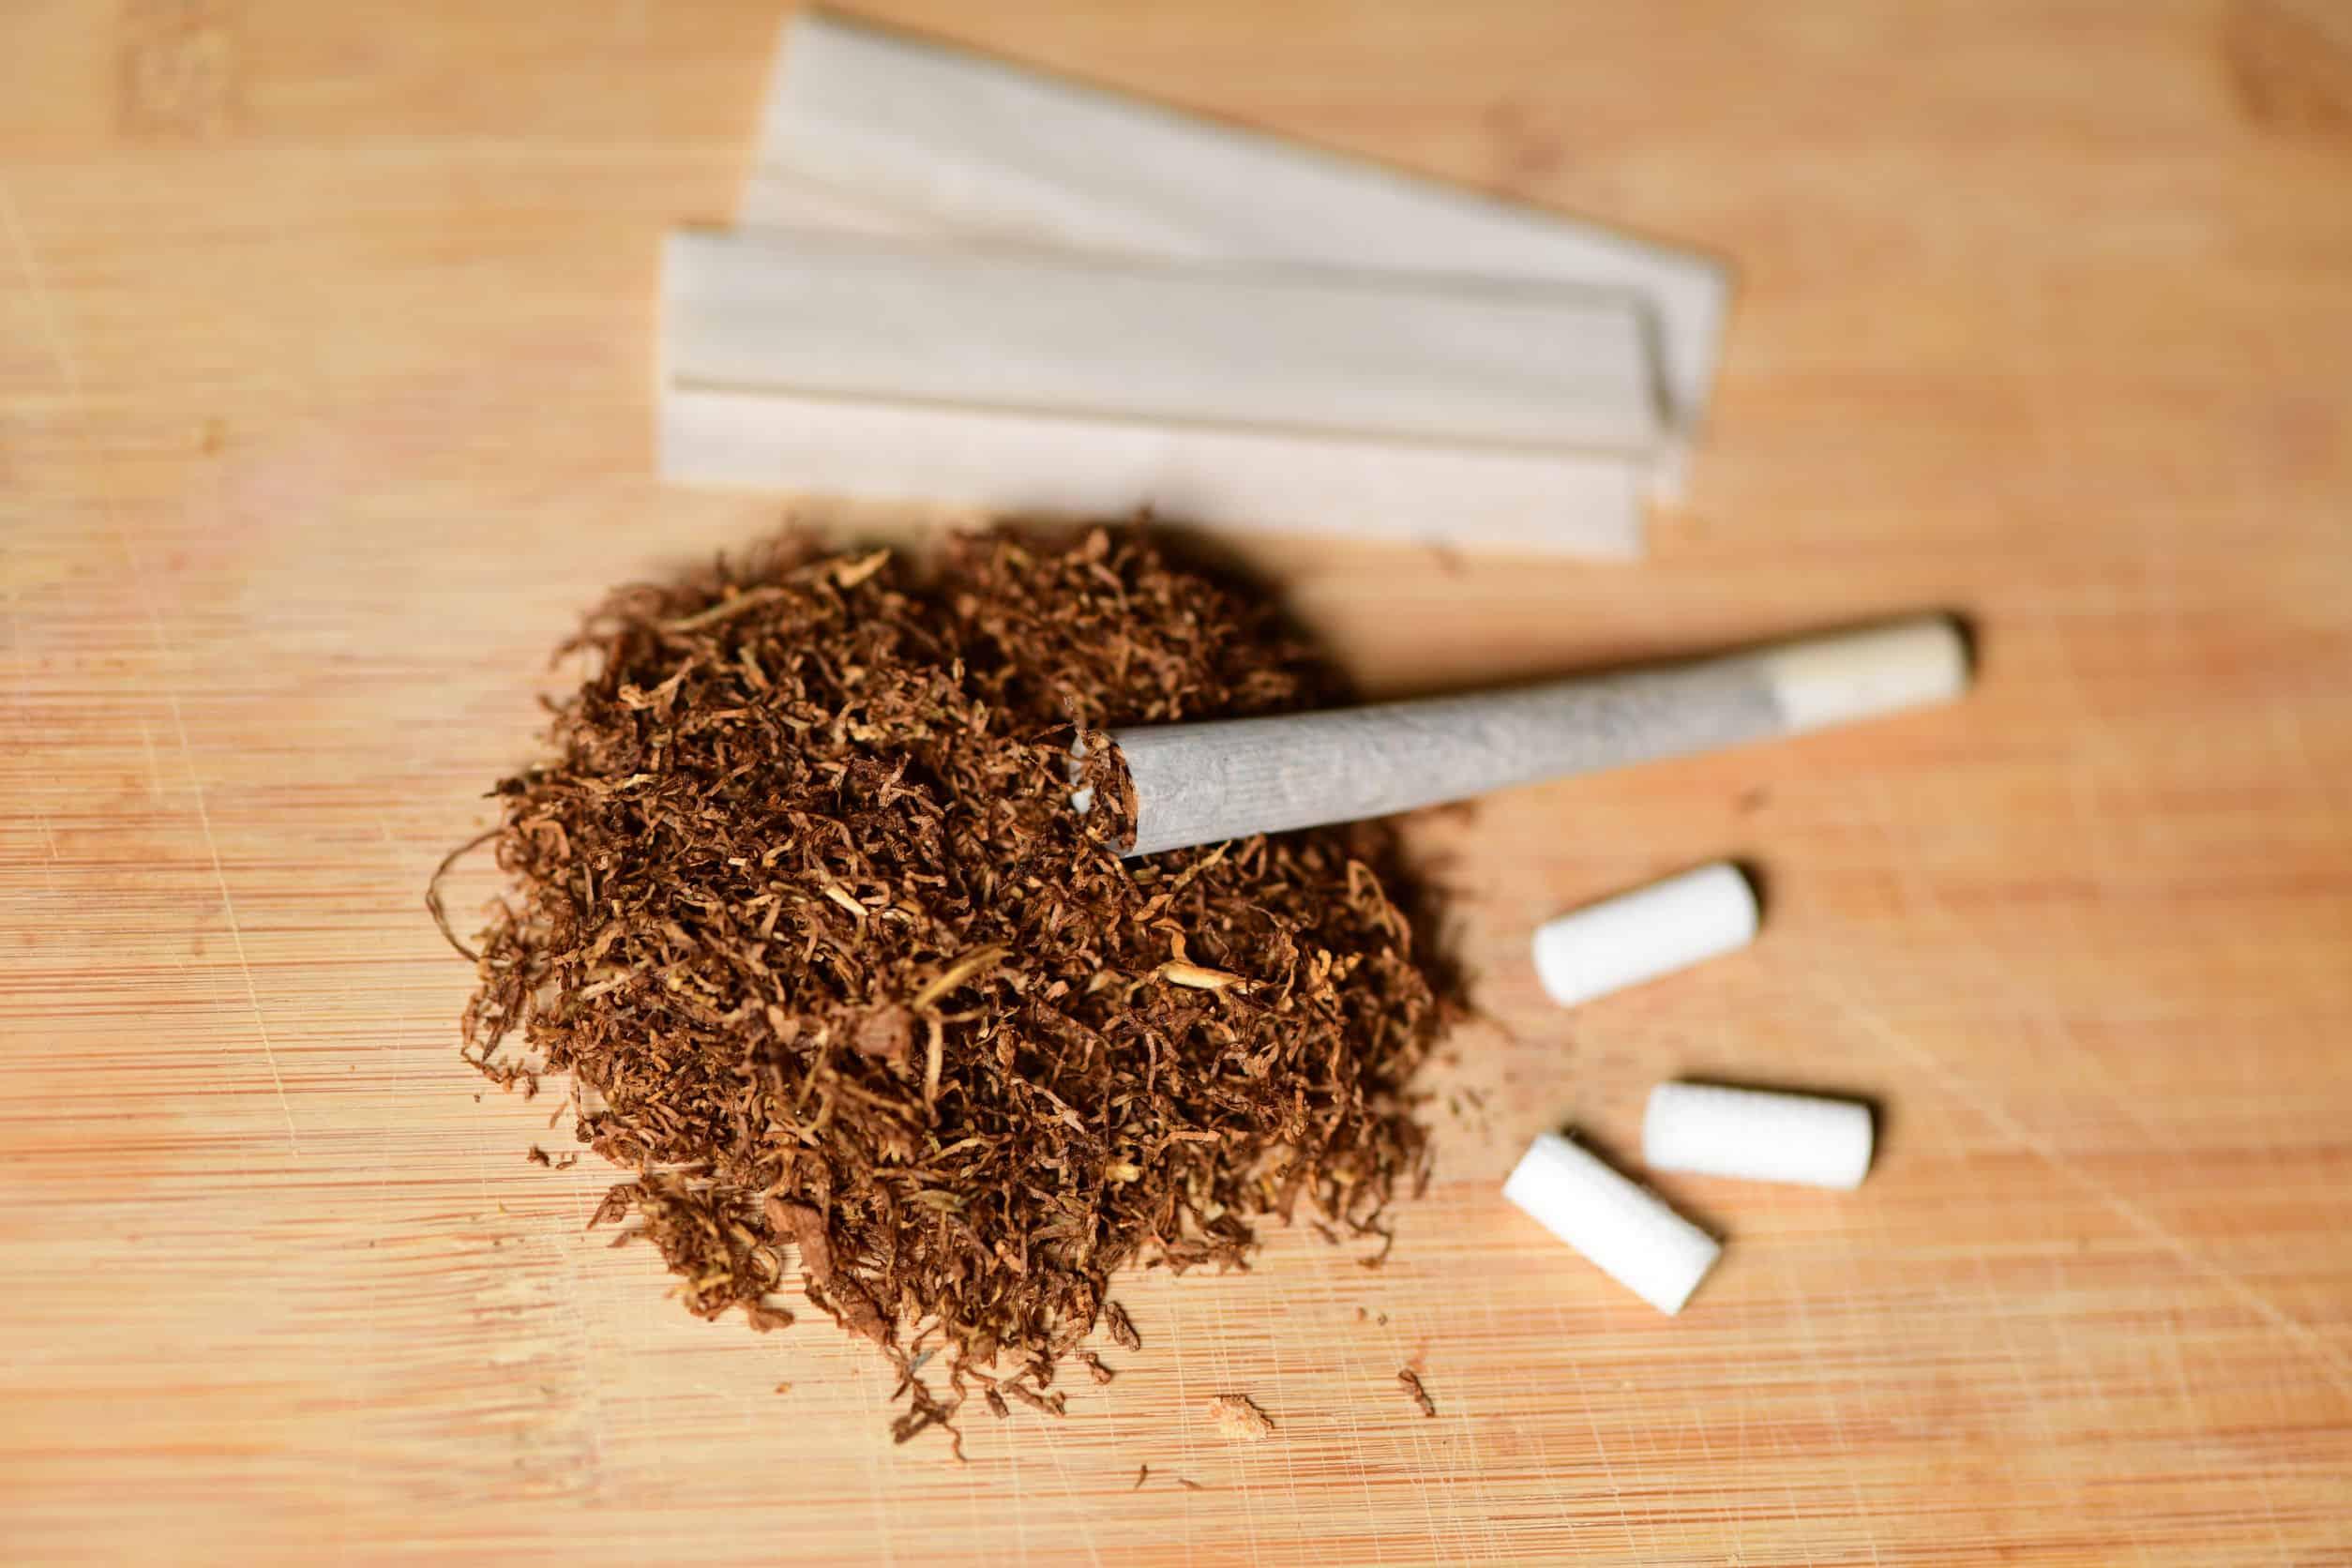 Imagem mostra sedas, tabaco e filtros sobre uma mesa.